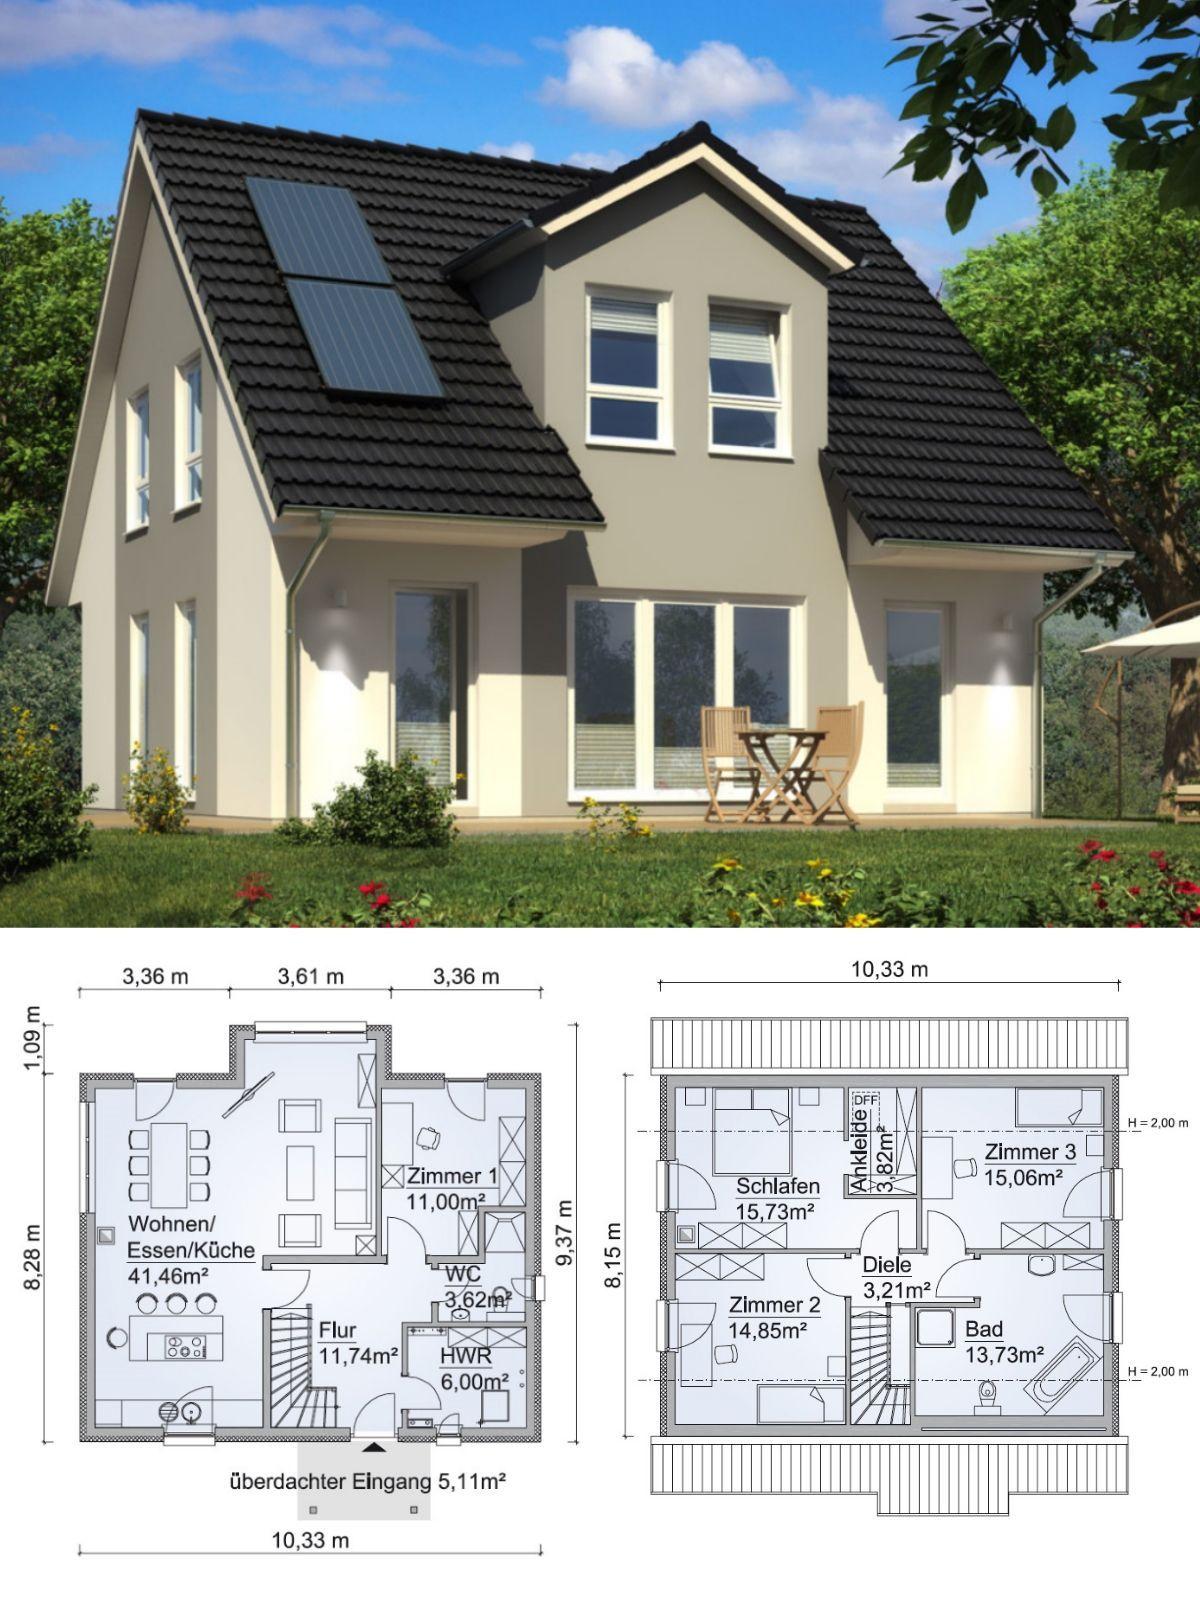 Einfamilienhaus klassisch mit satteldach architektur for Einfamilienhaus klassisch